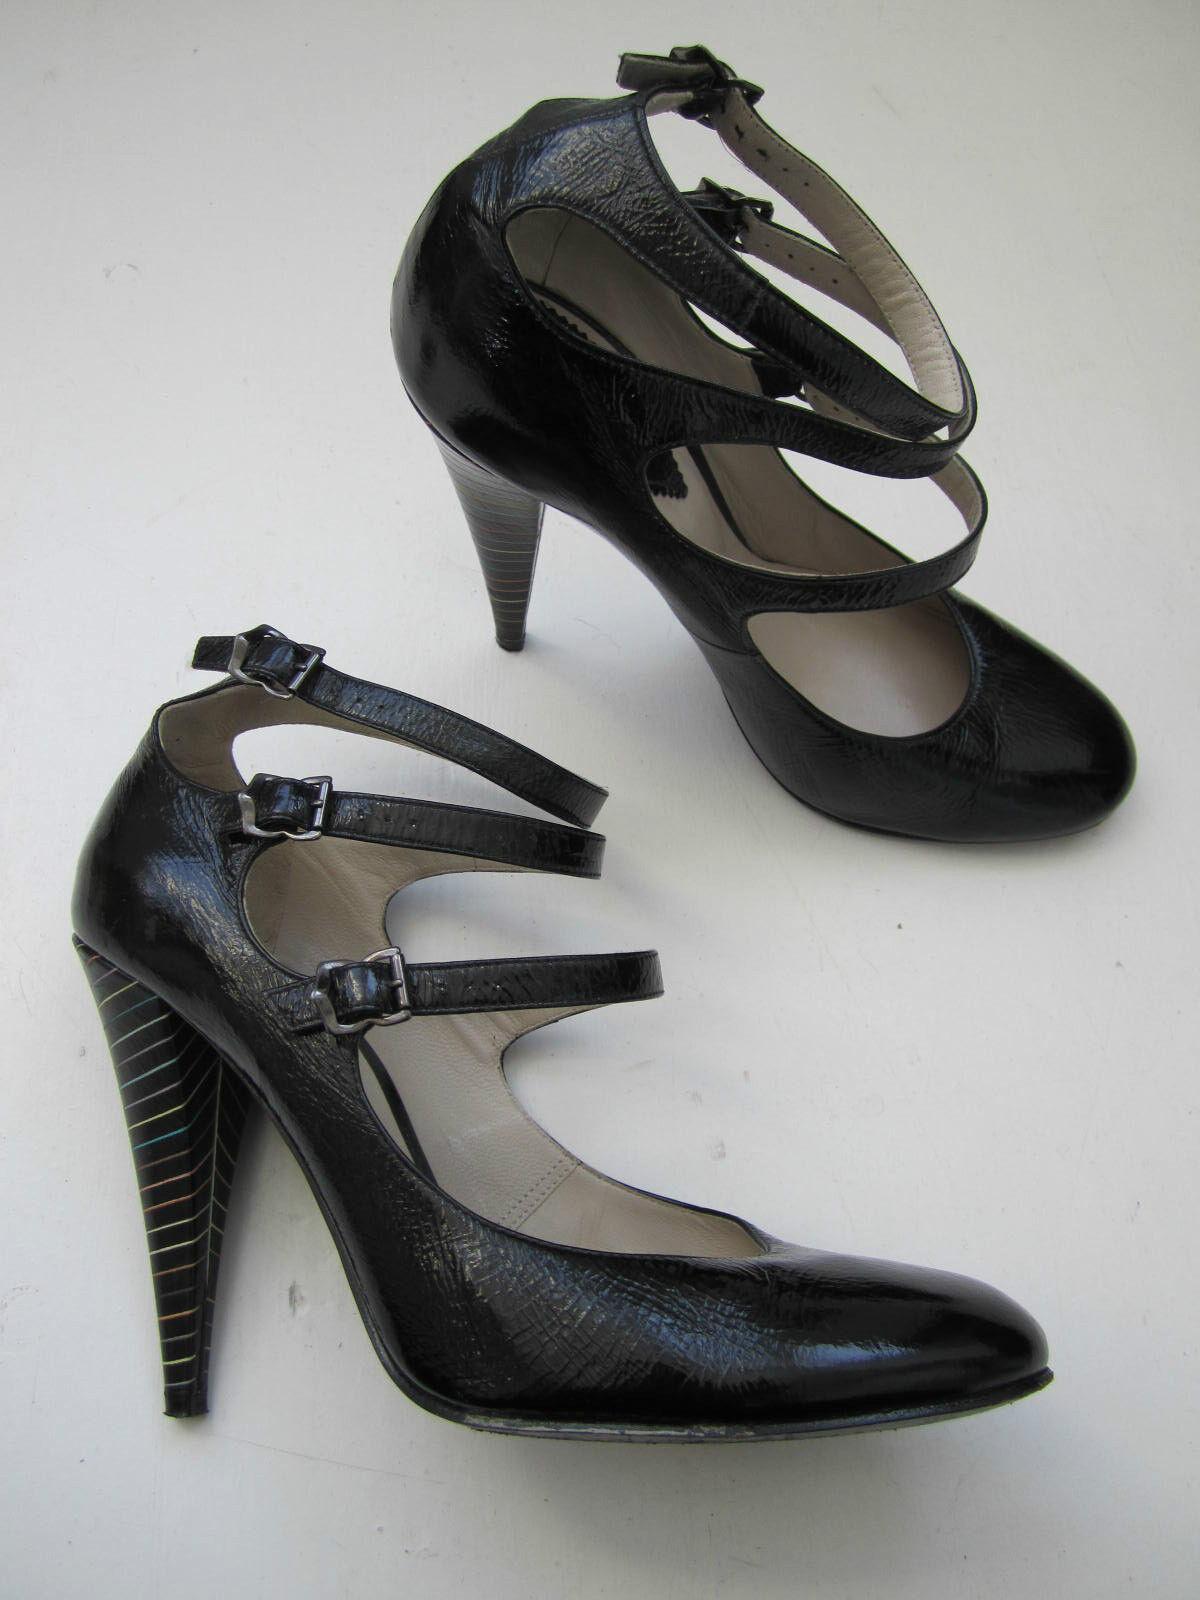 Sexis Zapatos Zapatos Zapatos de Paul Smith Negro Patente Cuero 3 Correa Bondage Tacones Talla 40 en muy buena condición  mejor oferta